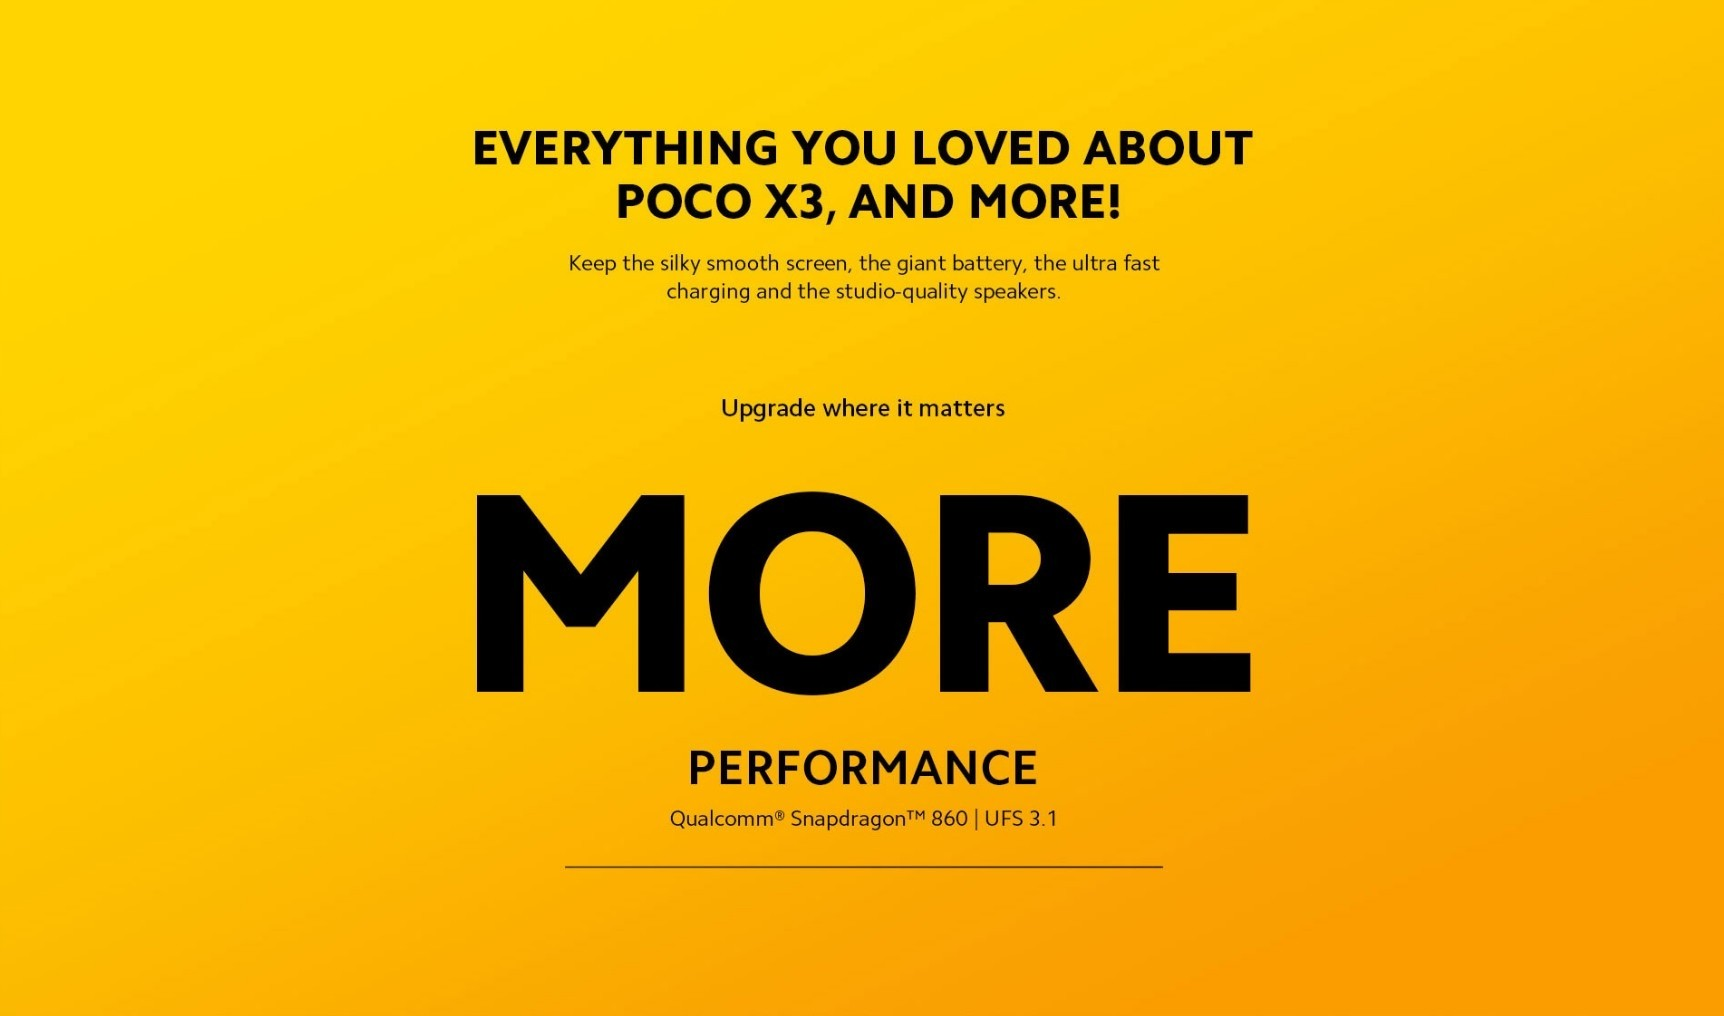 Xiaomi POCO X3 Pro Snapdragon 860 6+128GB - EU Version